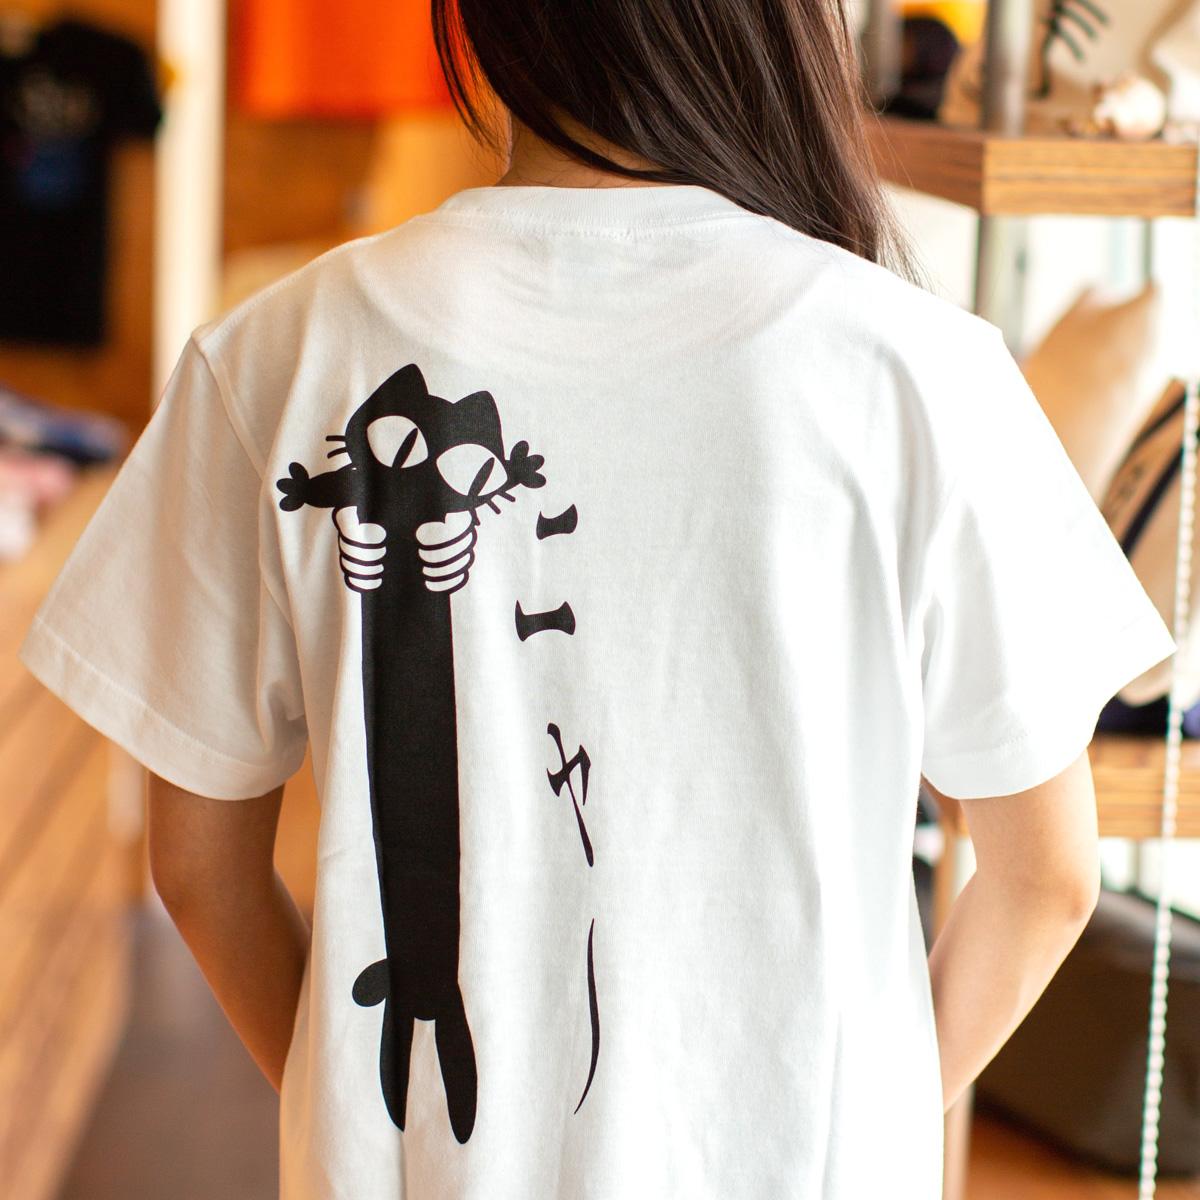 猫を持ち上げた時ののび~~~る体をデザイン 猫好きのねこ好きによるネコ好きのためのおもしろ猫雑貨 猫グッズ 猫Tシャツ プレゼントやギフトにも最適 ストアー 猫 ねこ おもしろ かわいい Tシャツ LOVE CAT ホワイト 高価値 ネコ 親子 メール便 おもしろTシャツ 大きいサイズ 猫雑貨 猫柄 SCOPY 半袖 メンズ スコーピー ペアルック レディース おしゃれ プレゼント